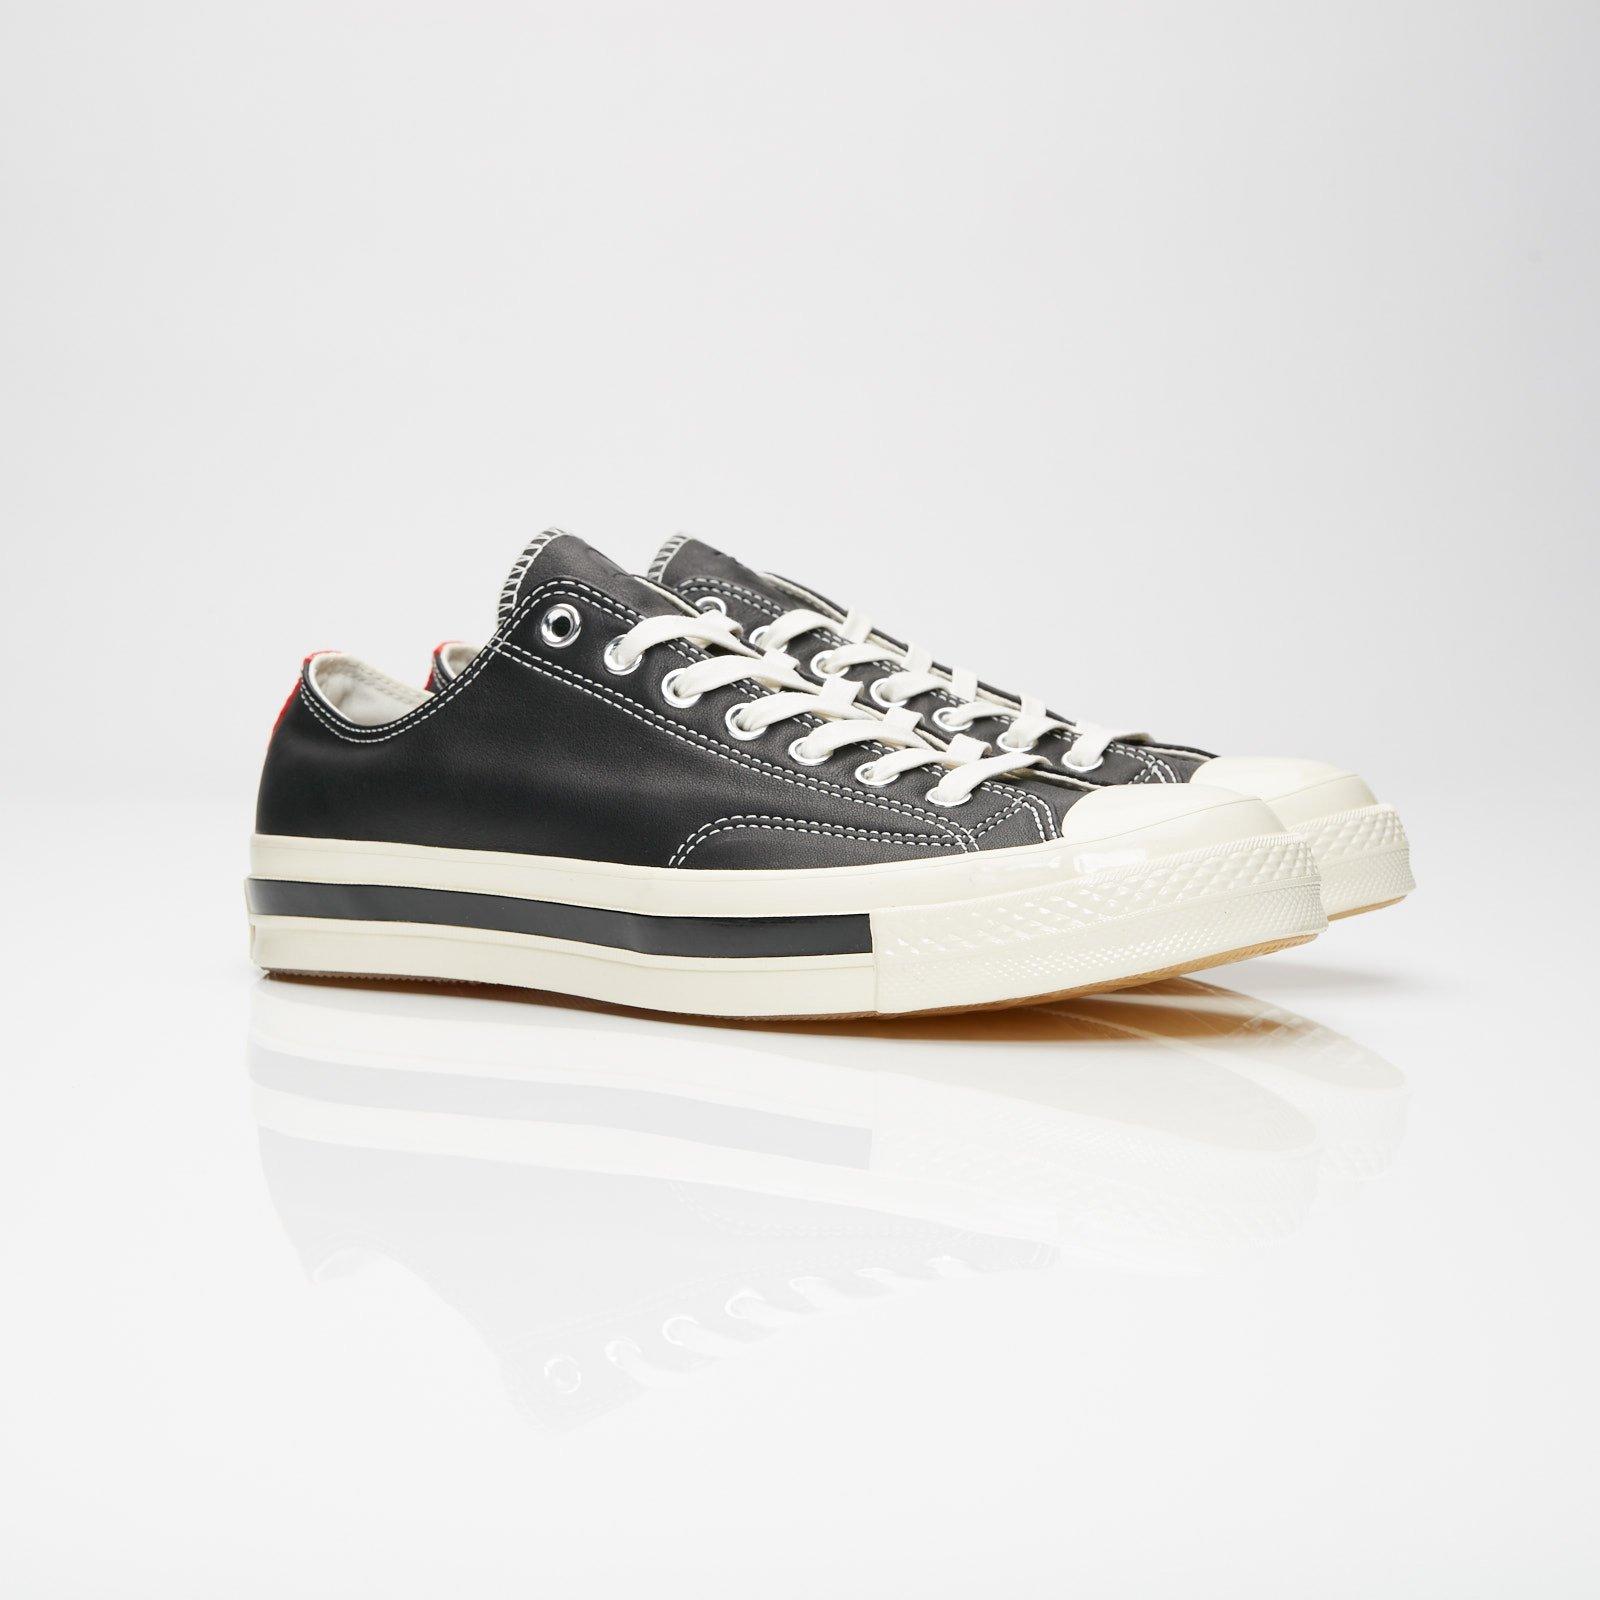 131666a429a3 Converse Chuck 70 OX x Kasina - 162838c - Sneakersnstuff